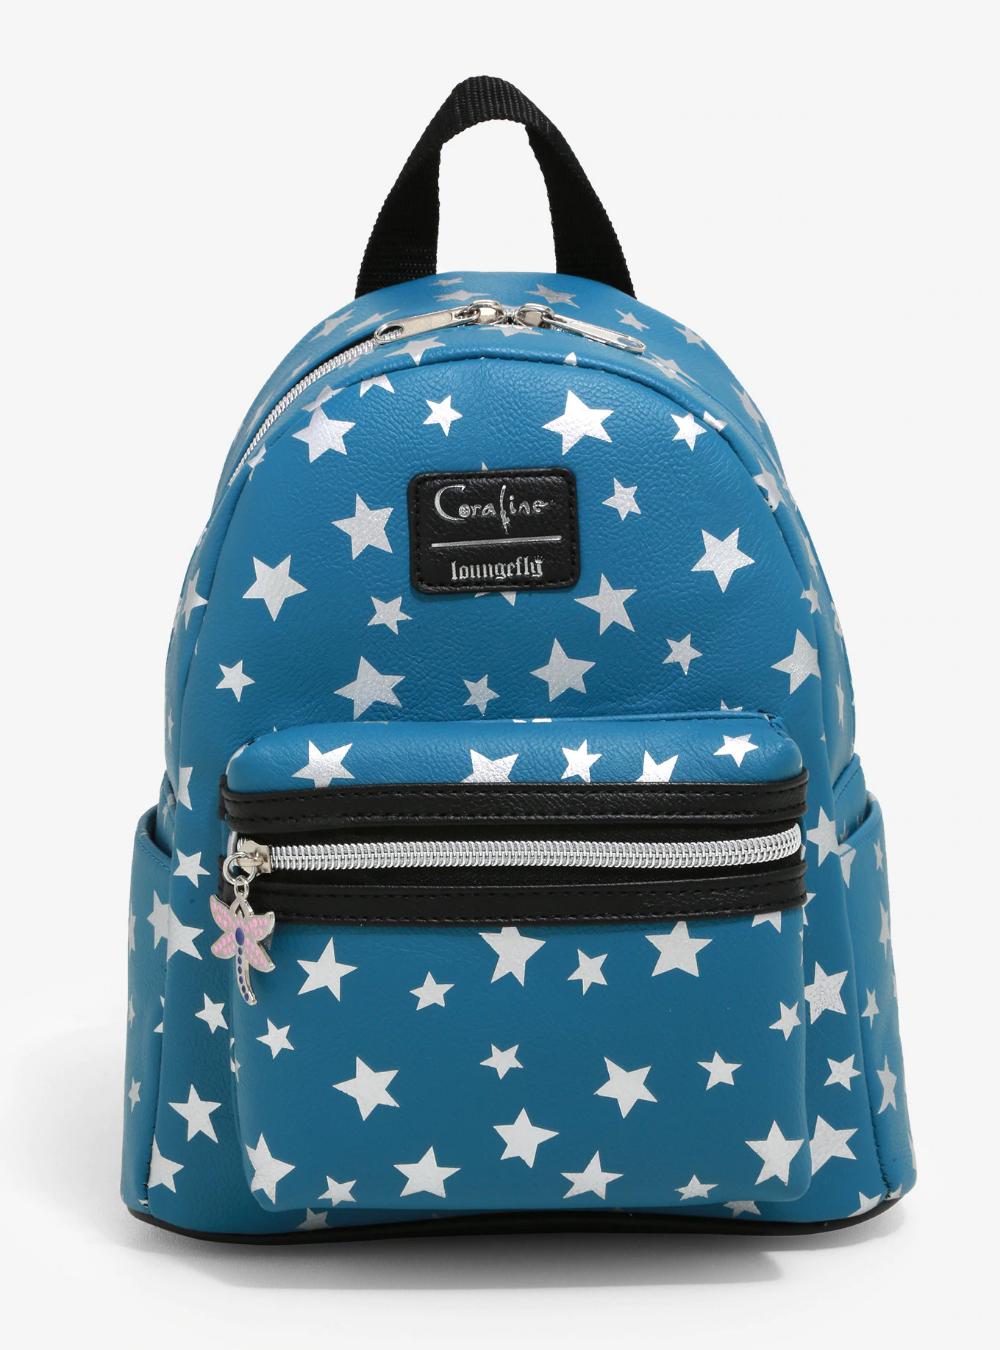 Loungefly Coraline Stars Mini Backpack Cute Mini Backpacks Coraline Mini Backpack